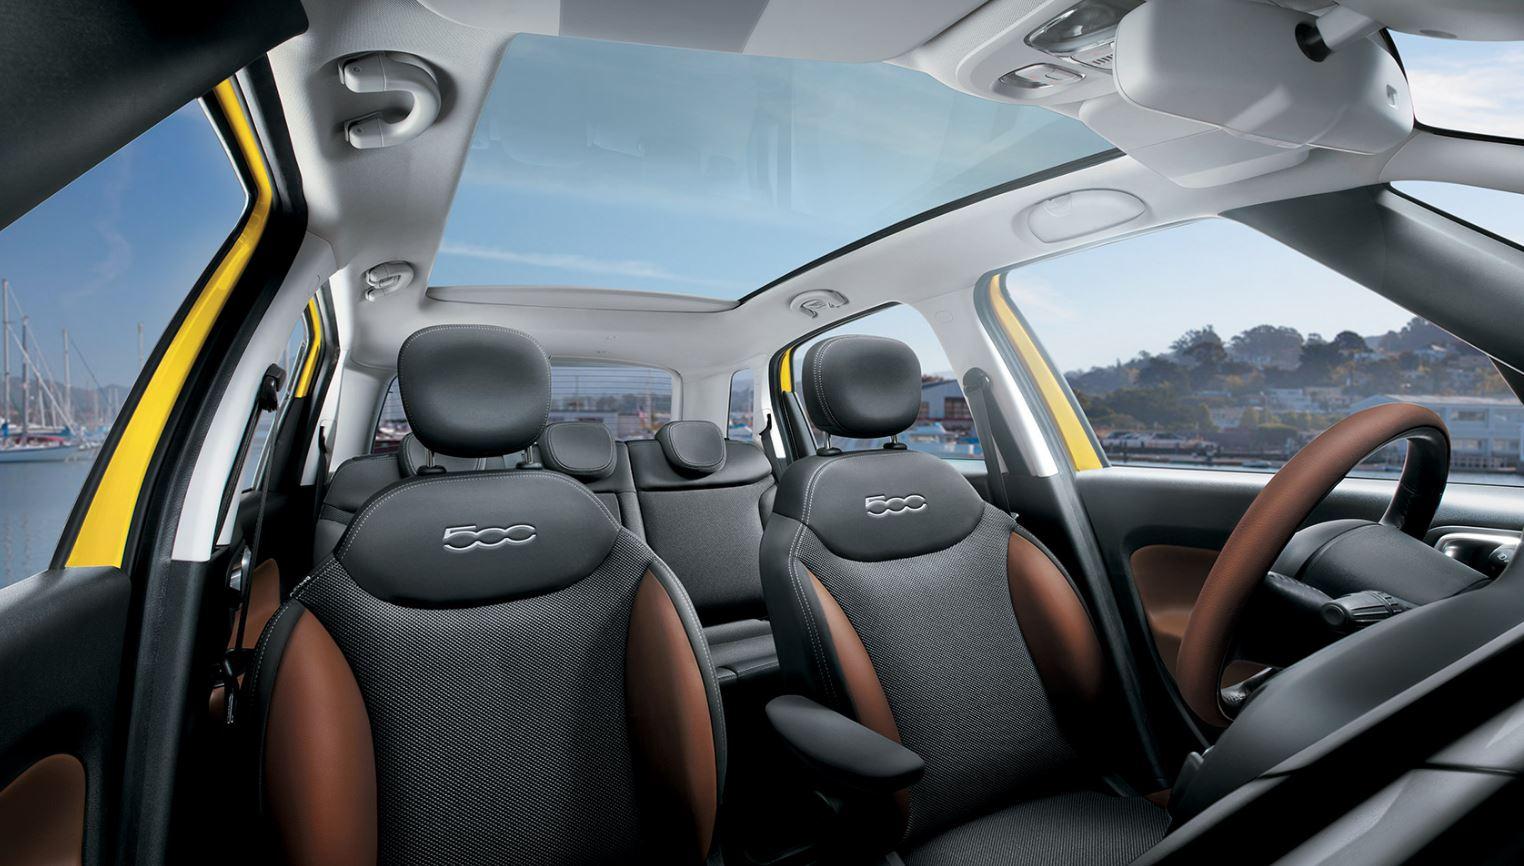 Dimensioni degli interni di Fiat 500L Trekking